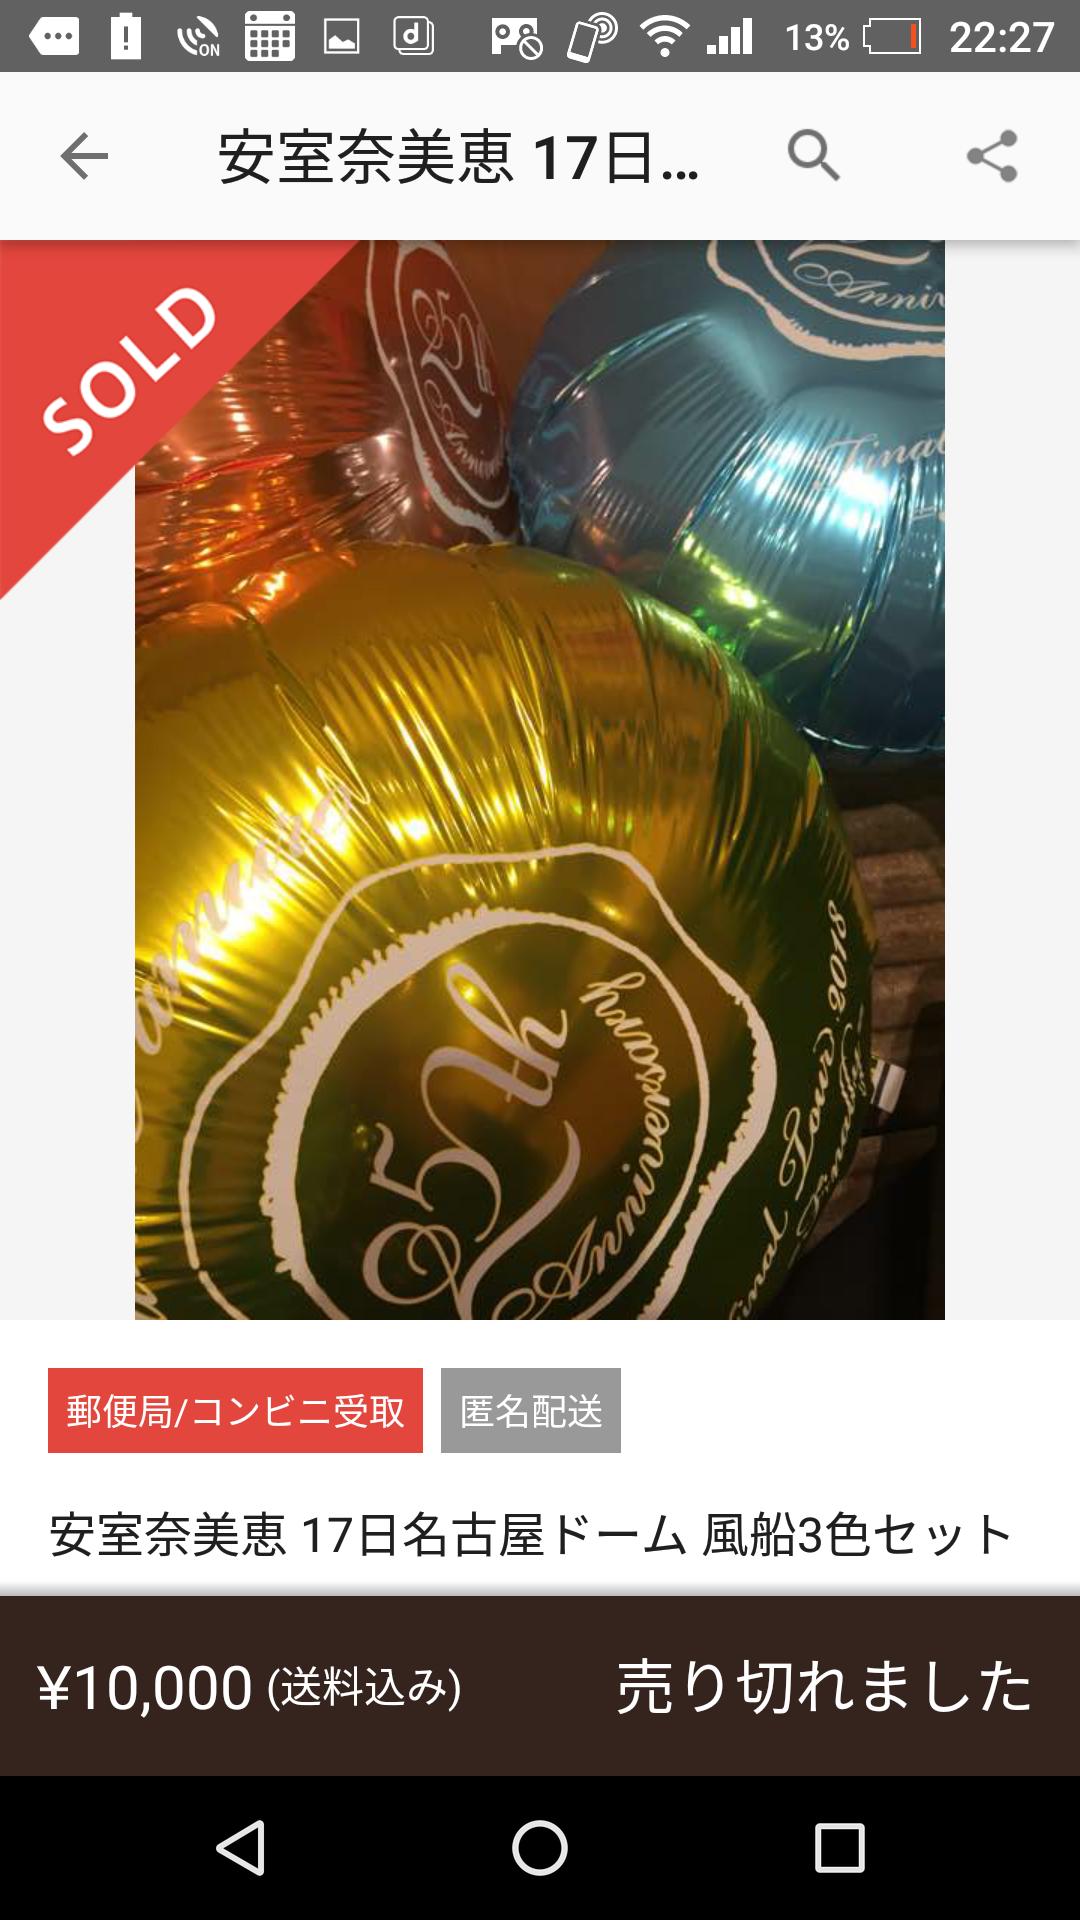 安室奈美恵ラストツアー開幕、小室哲哉曲など6曲初披露